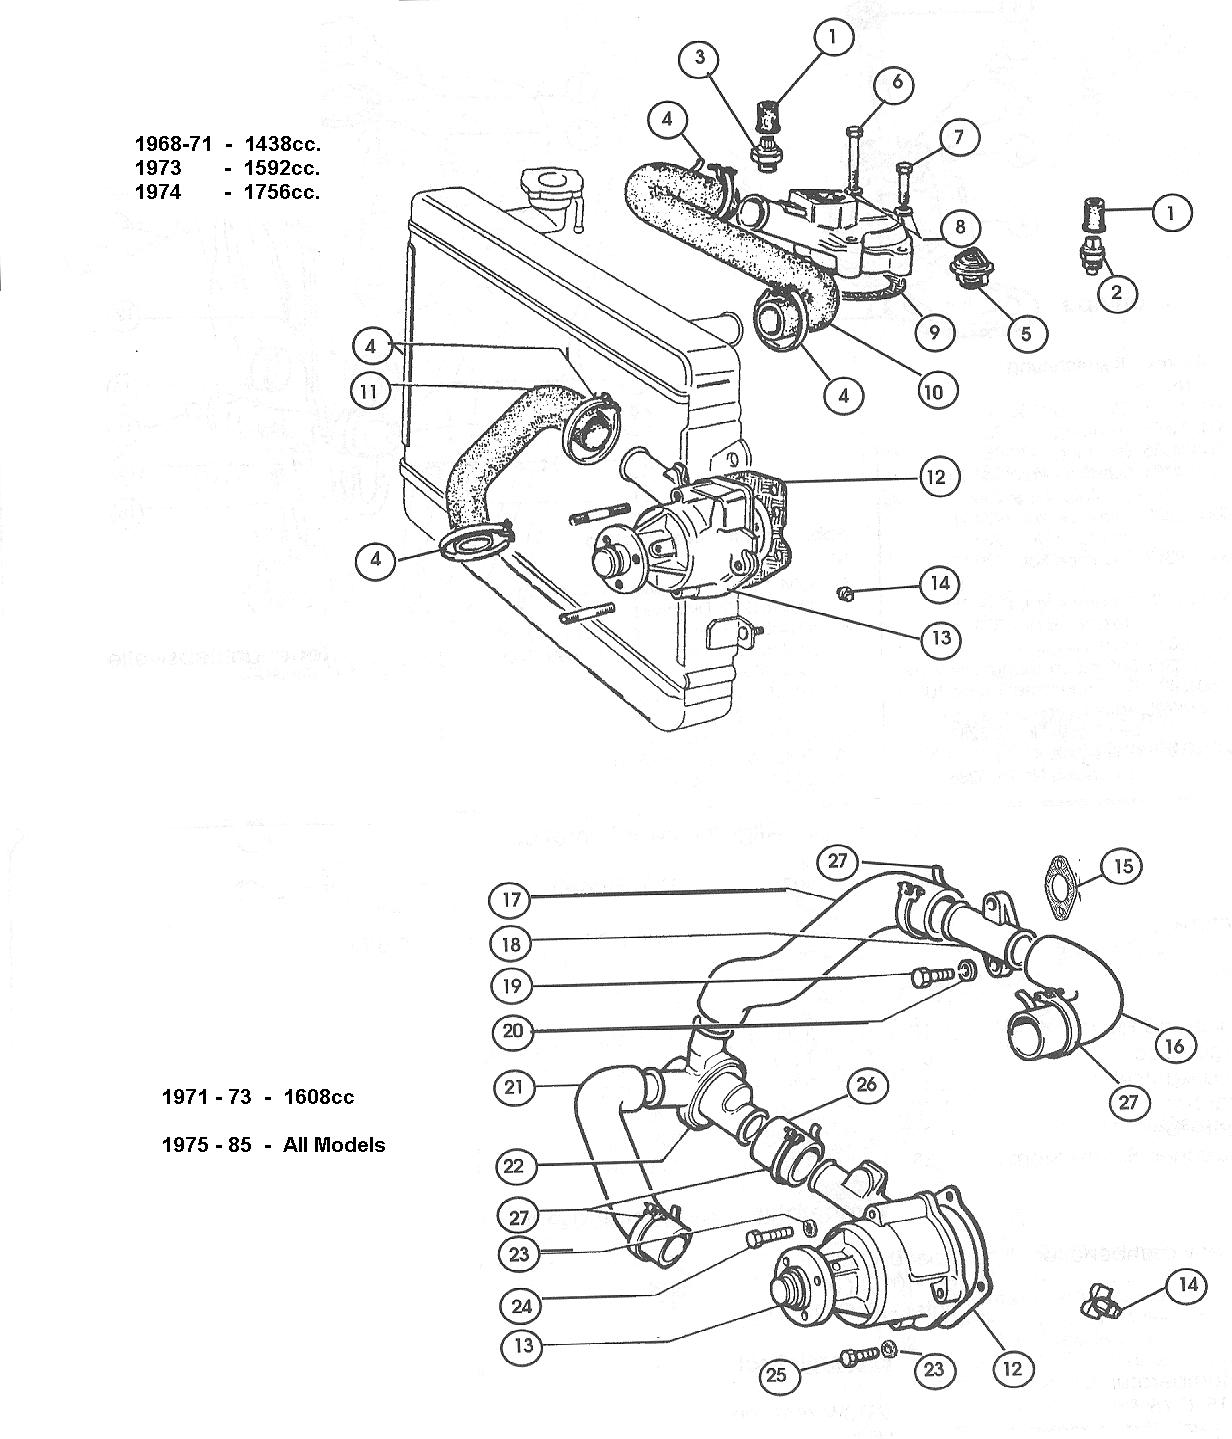 VN_4427] Fiat 500 Engine Filter Location Diagram Schematic WiringDimet Akeb Rect Mohammedshrine Librar Wiring 101